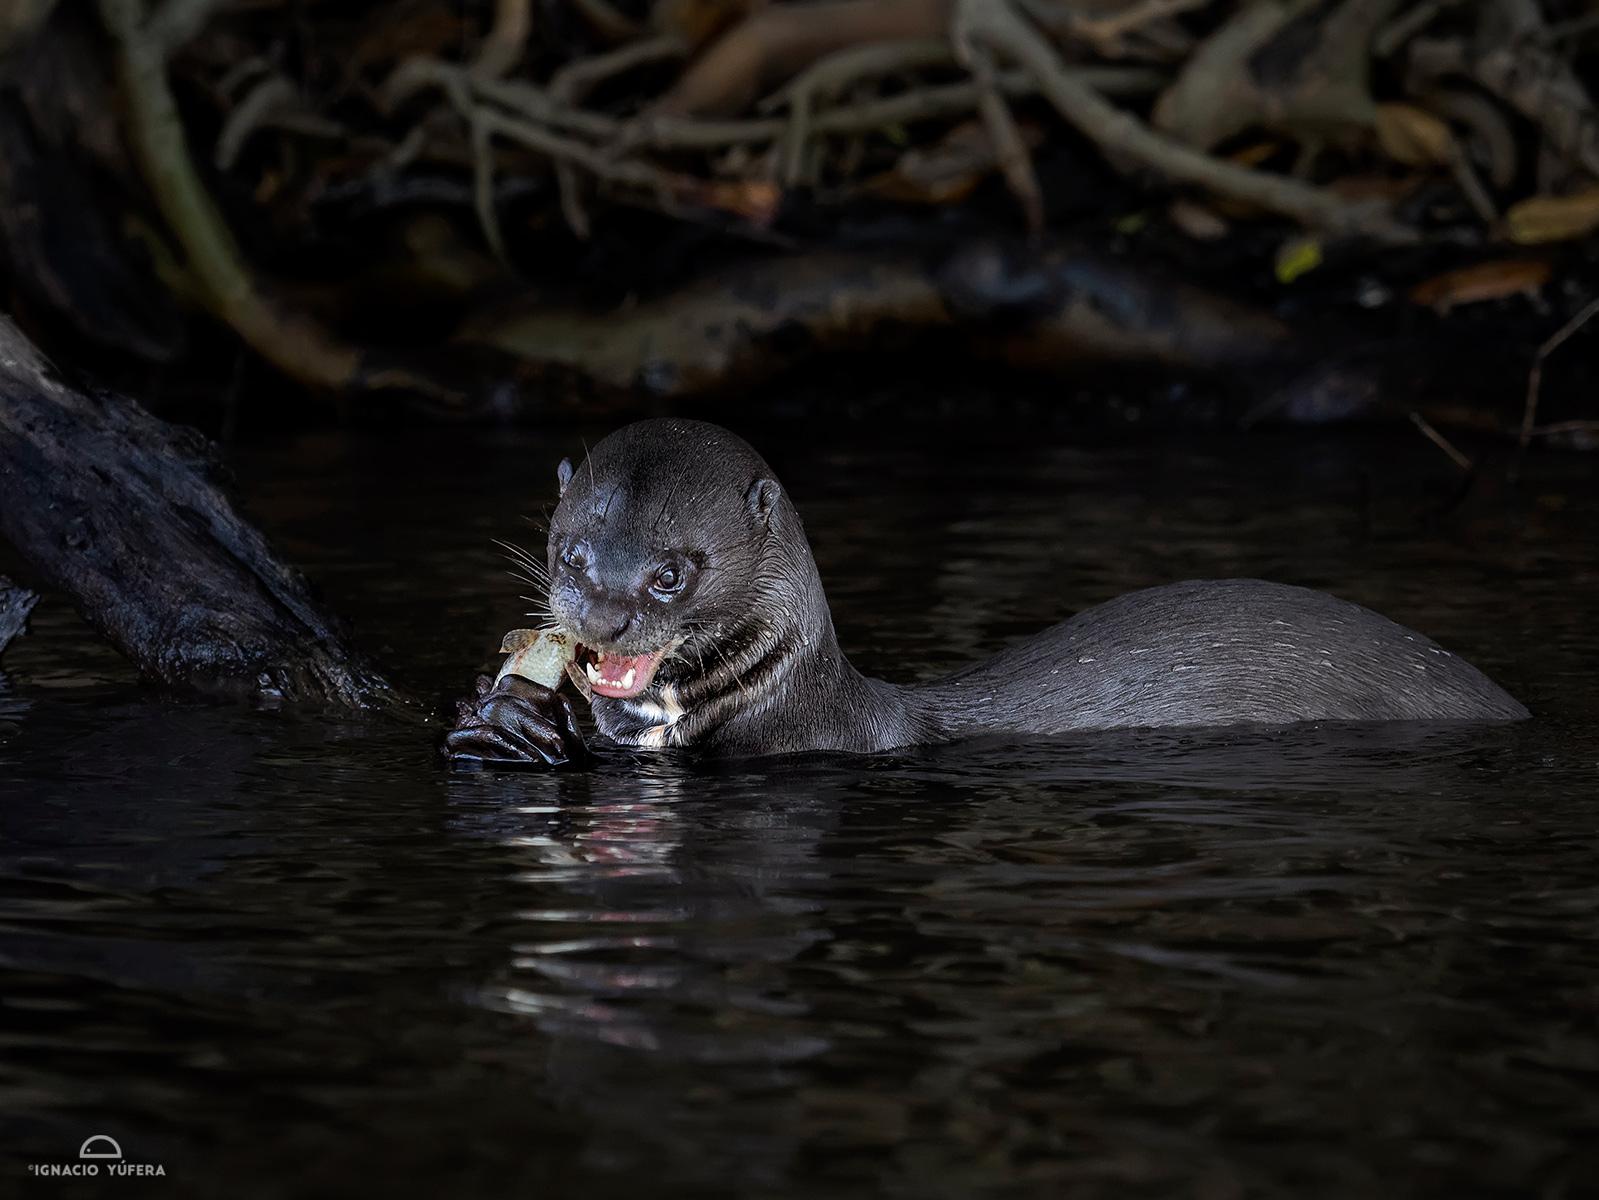 Giant River Otter (Pteronura brasiliensis)